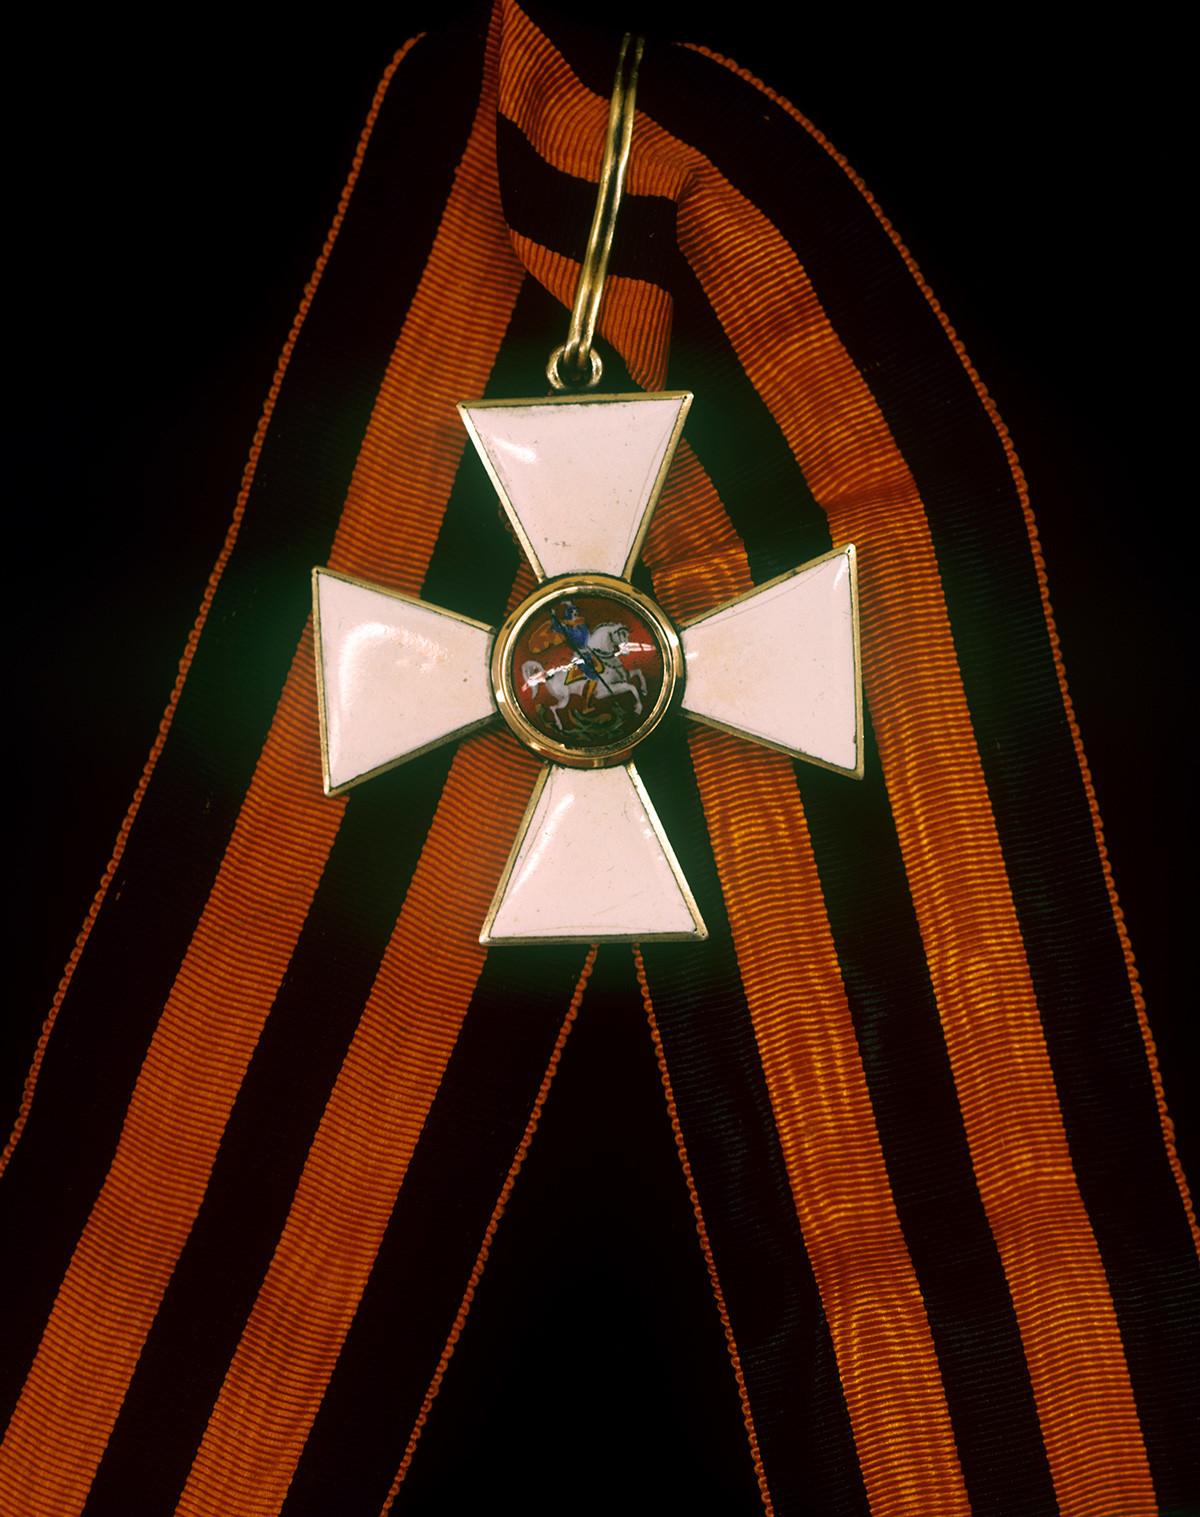 聖ゲオルギー勲章のリボンはオレンジ色で、3本の黒いストライプがあり、ロシアの「軍事的栄光の色」である火と火薬を象徴している。